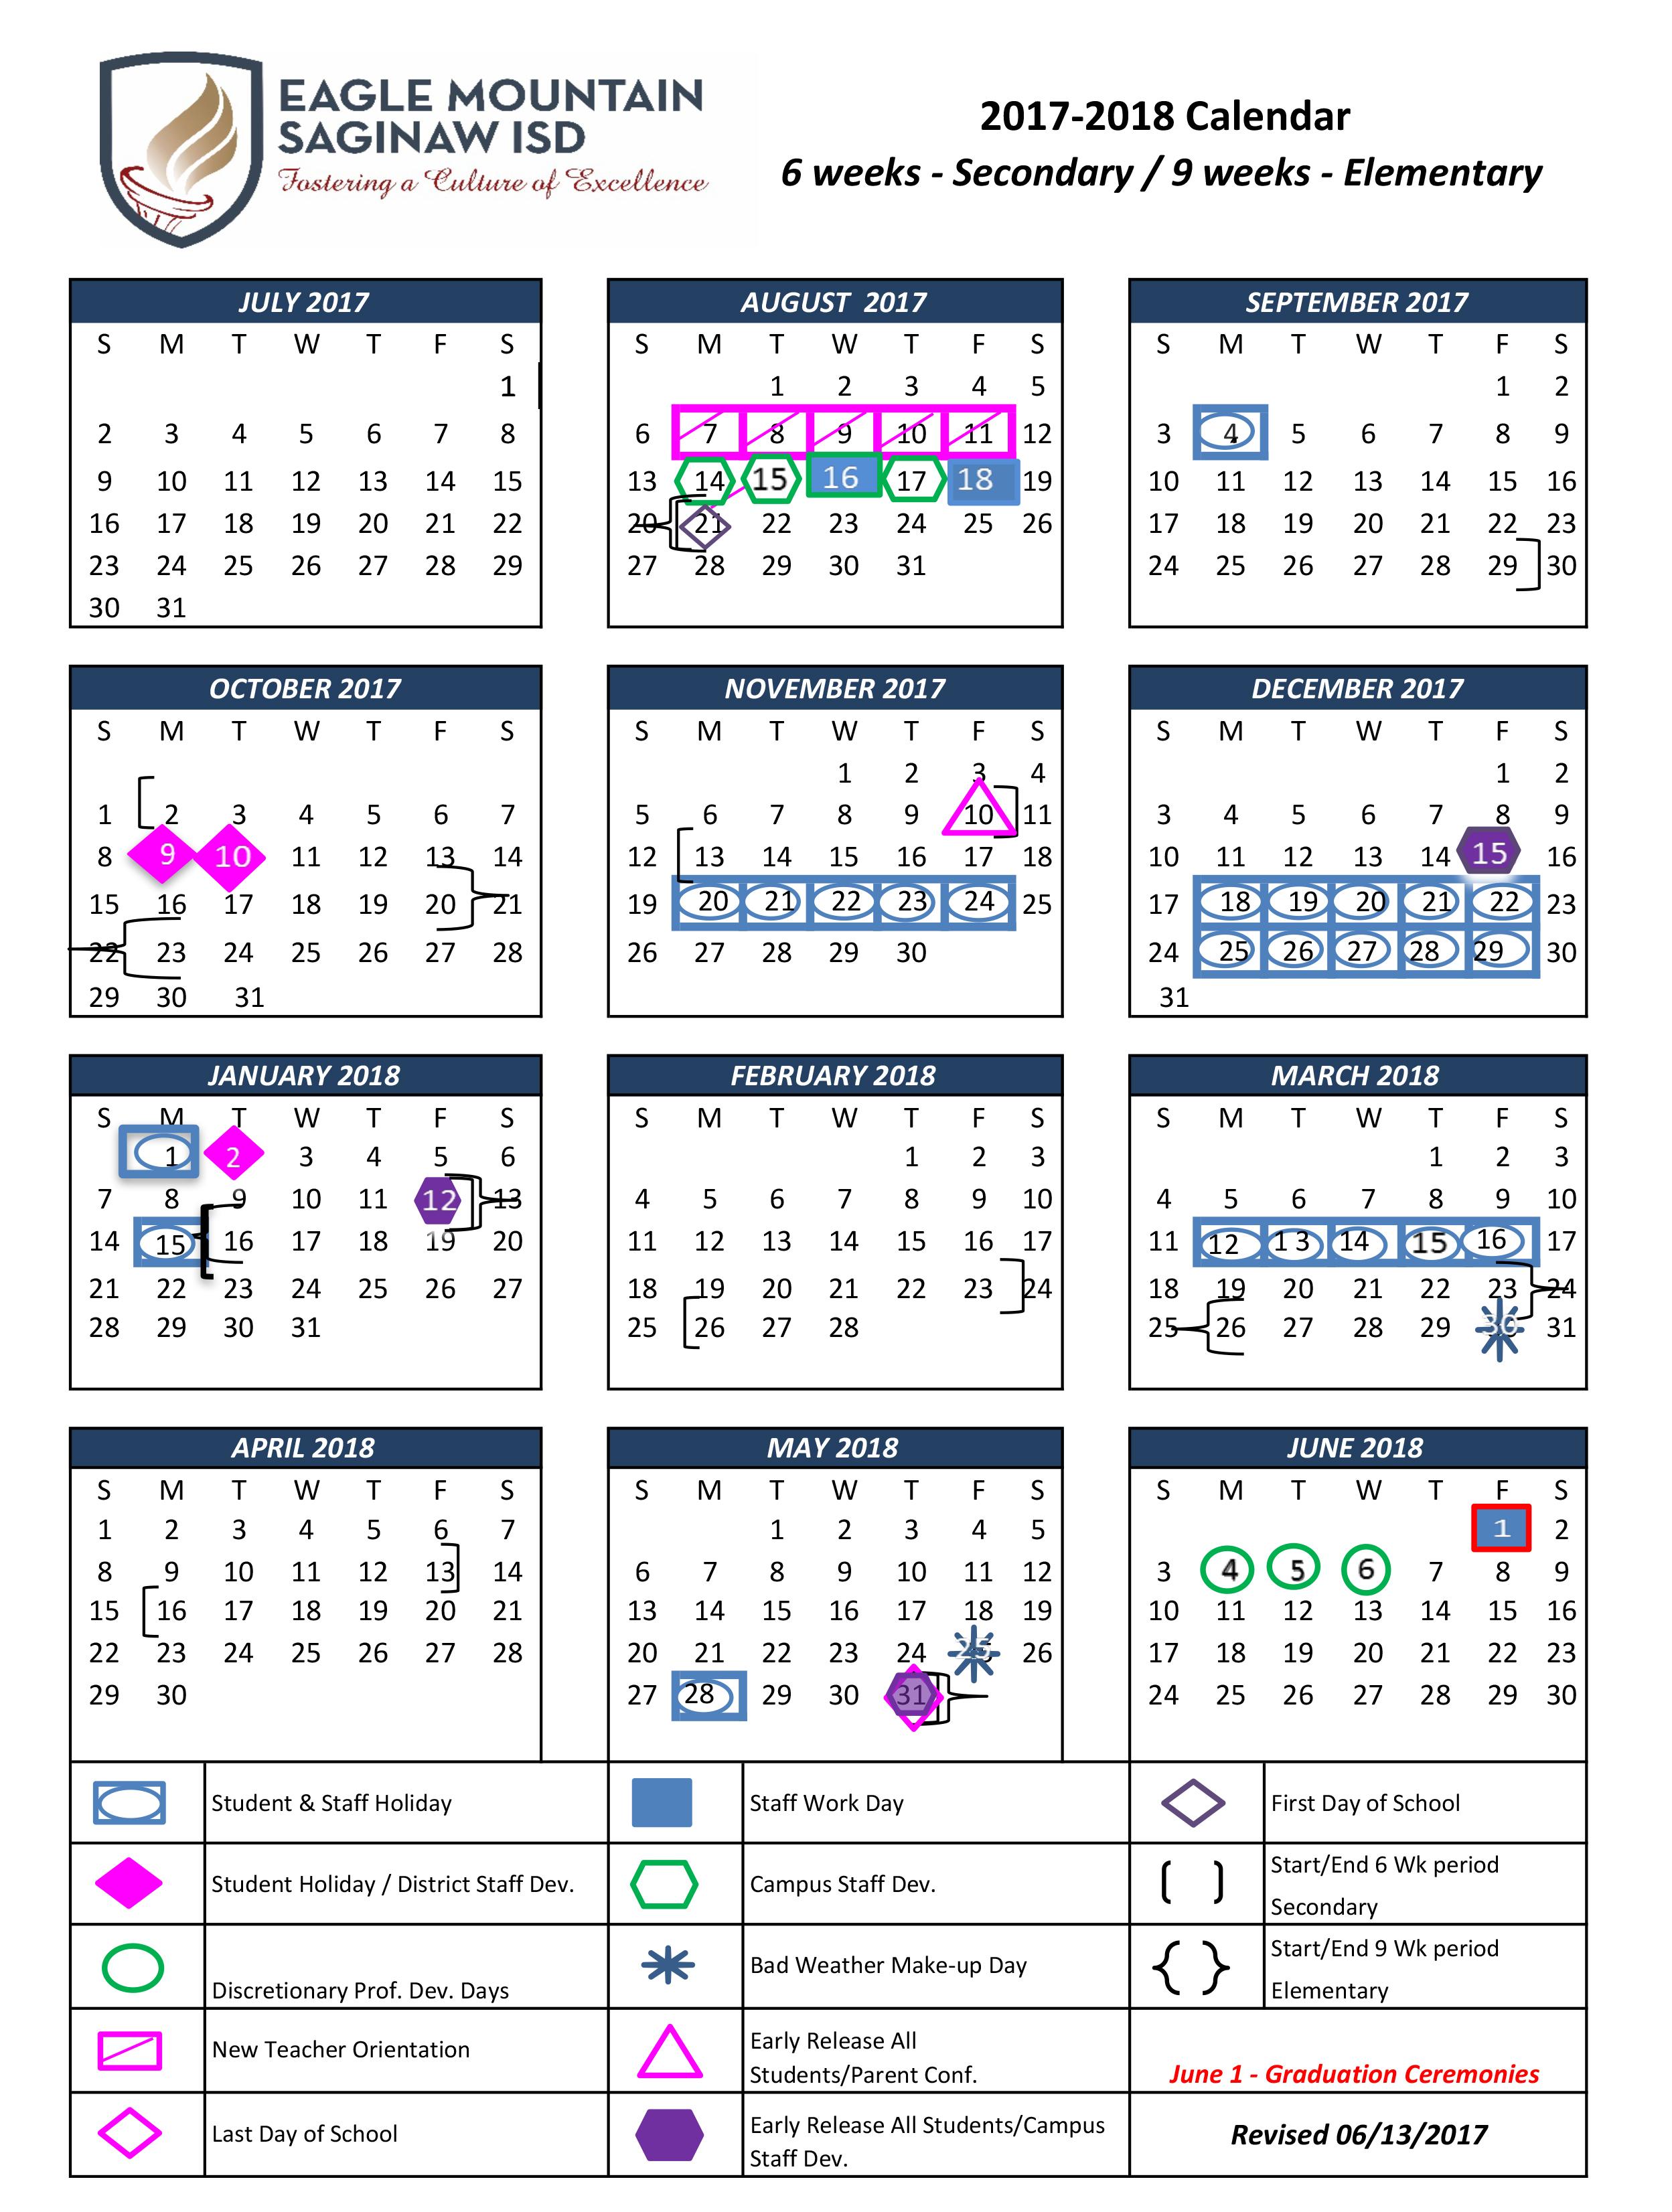 Calendar Overview – School Calendar